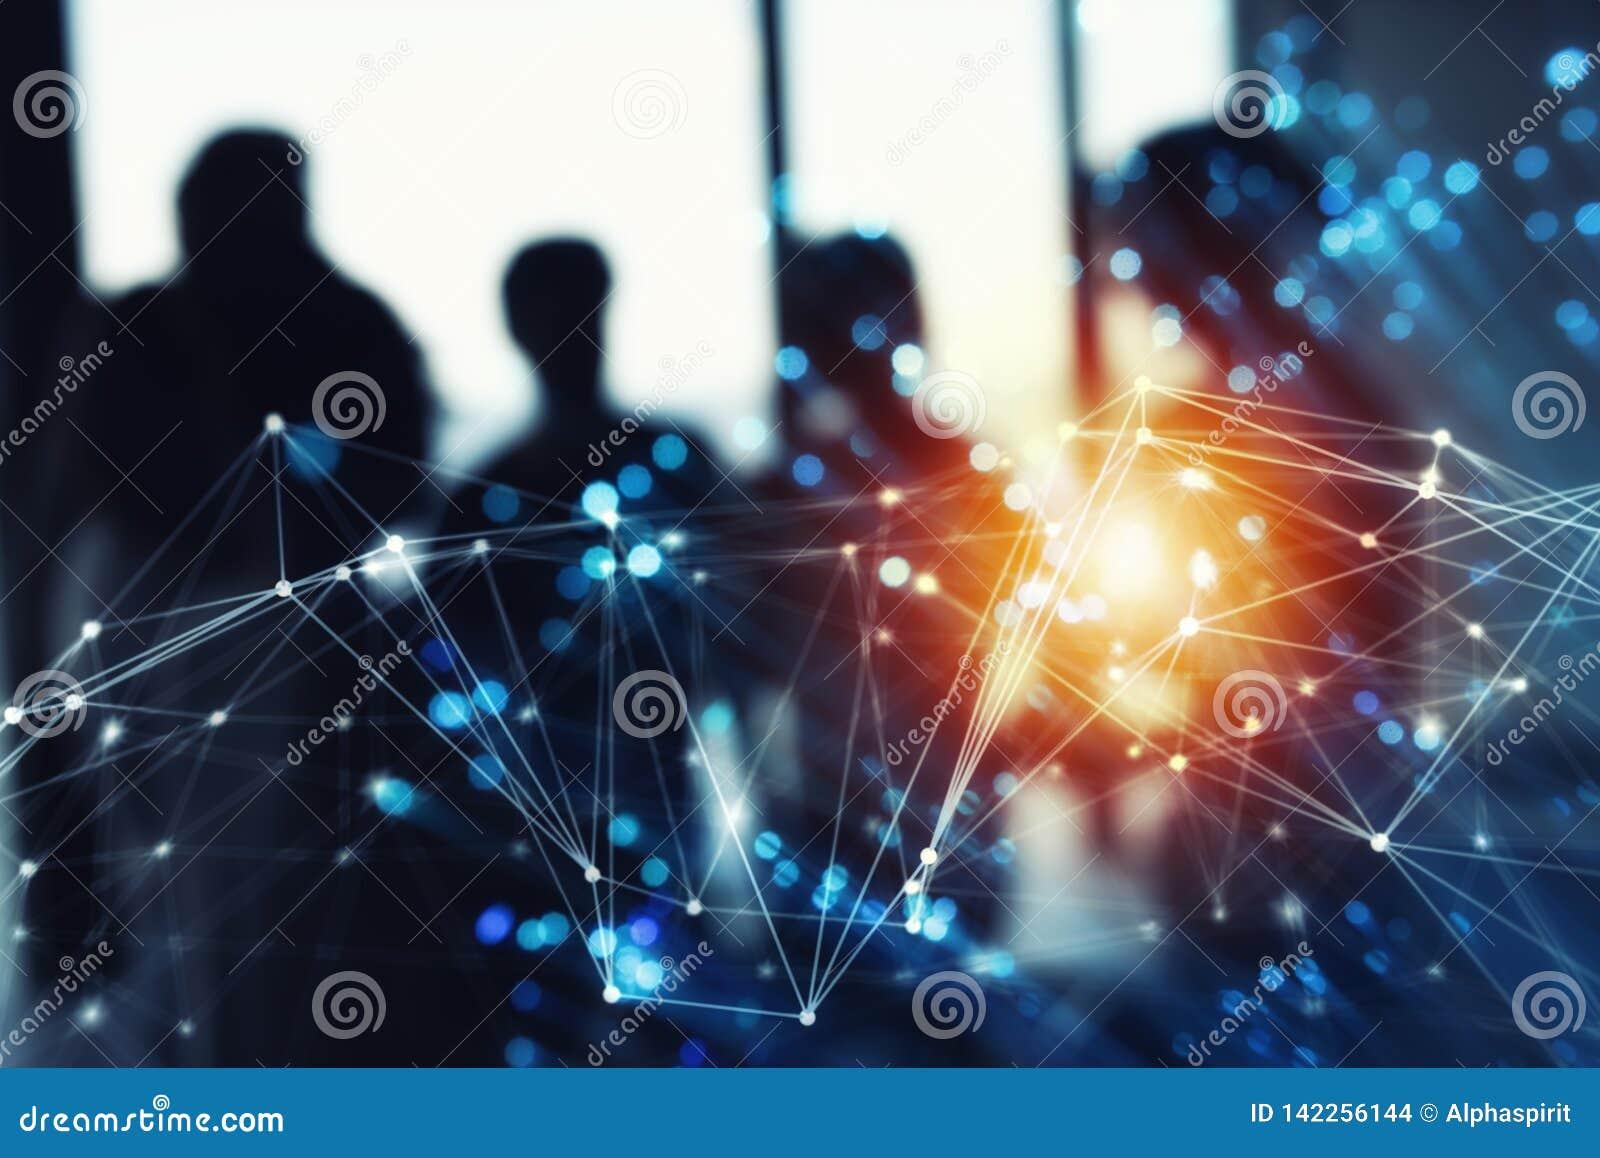 Futuristisch abstract Internet-verbindingsnetwerk met silhouet van commercieel team